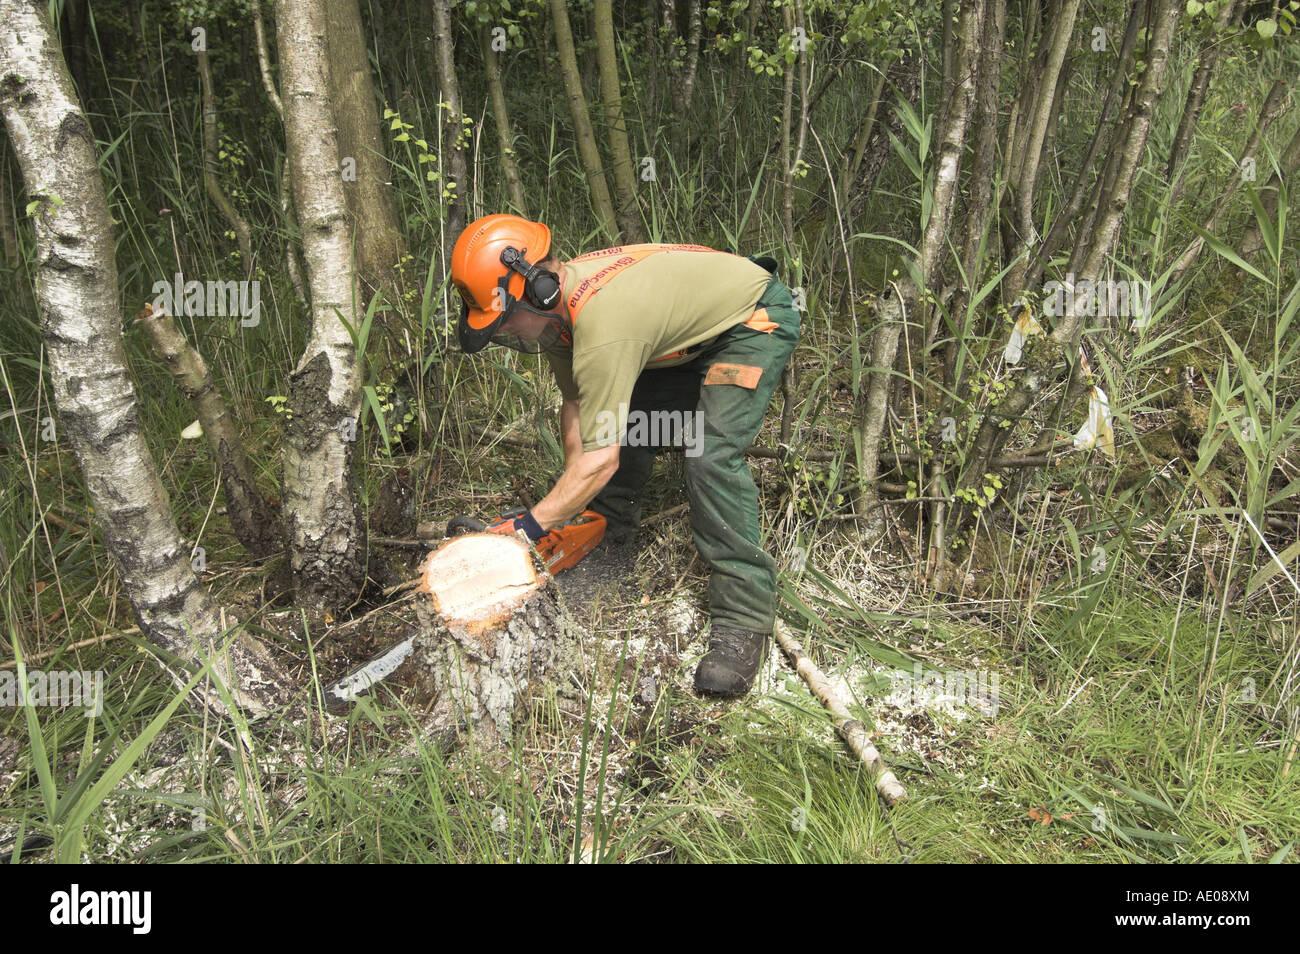 Naturschutz Arbeiter Mit Kettensage Birke Eingriff In Feuchtbiotop Baumstumpf Entfernen Loschen